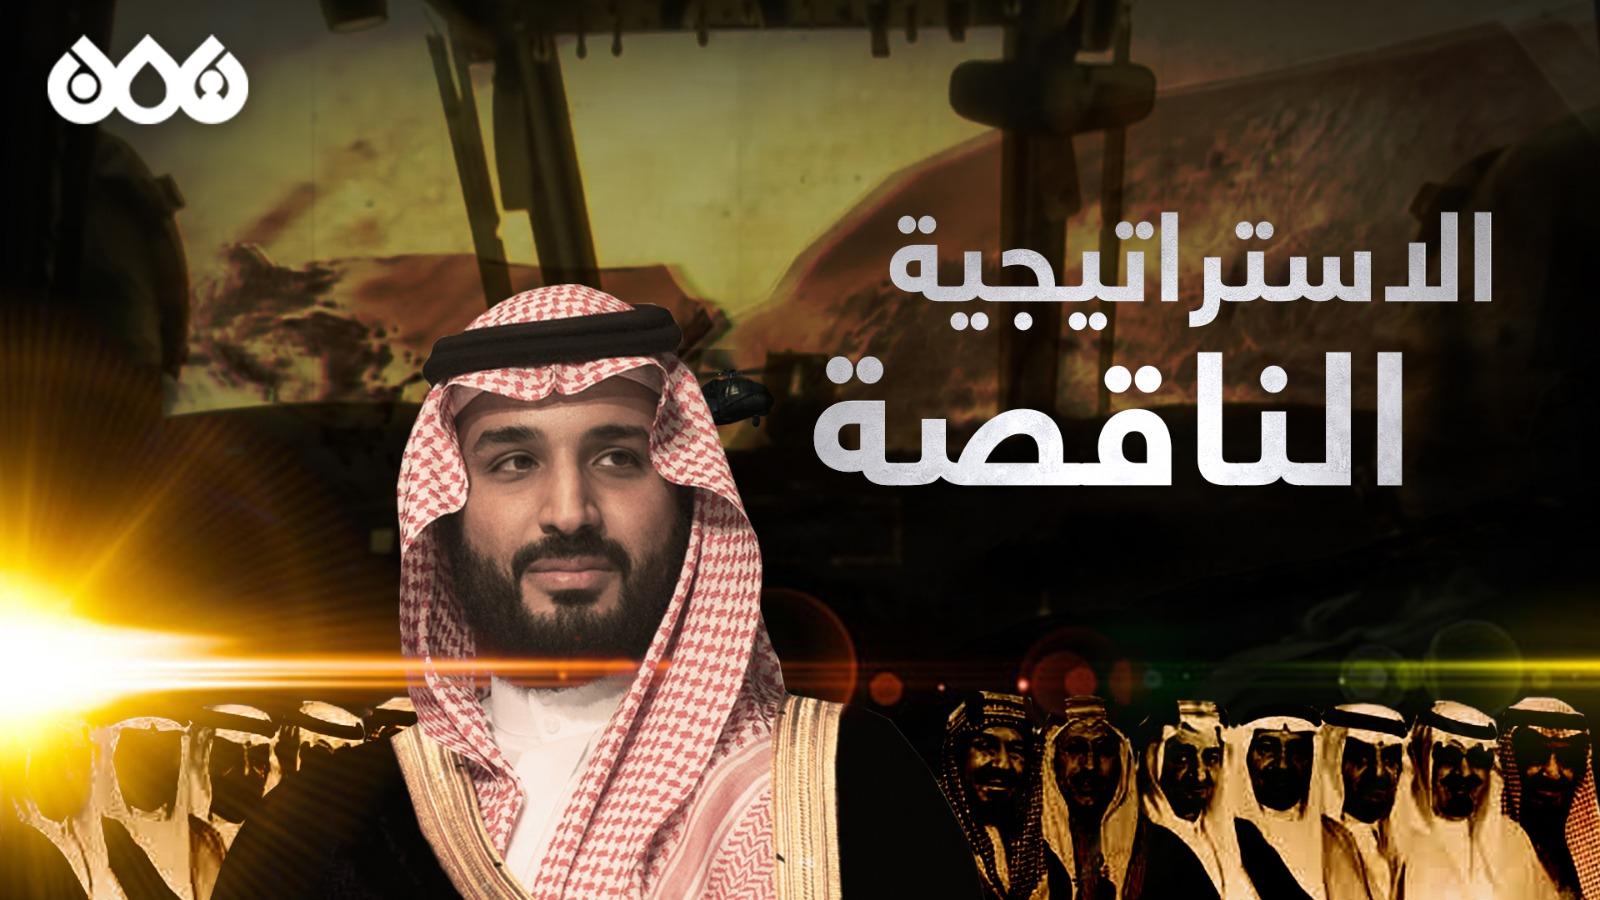 """Photo of """"النتائج العكسية"""".. كيف ساهمت السعودية في زيادة قوة الحوثيين وإيران في اليمن؟! (تقرير خاص)"""